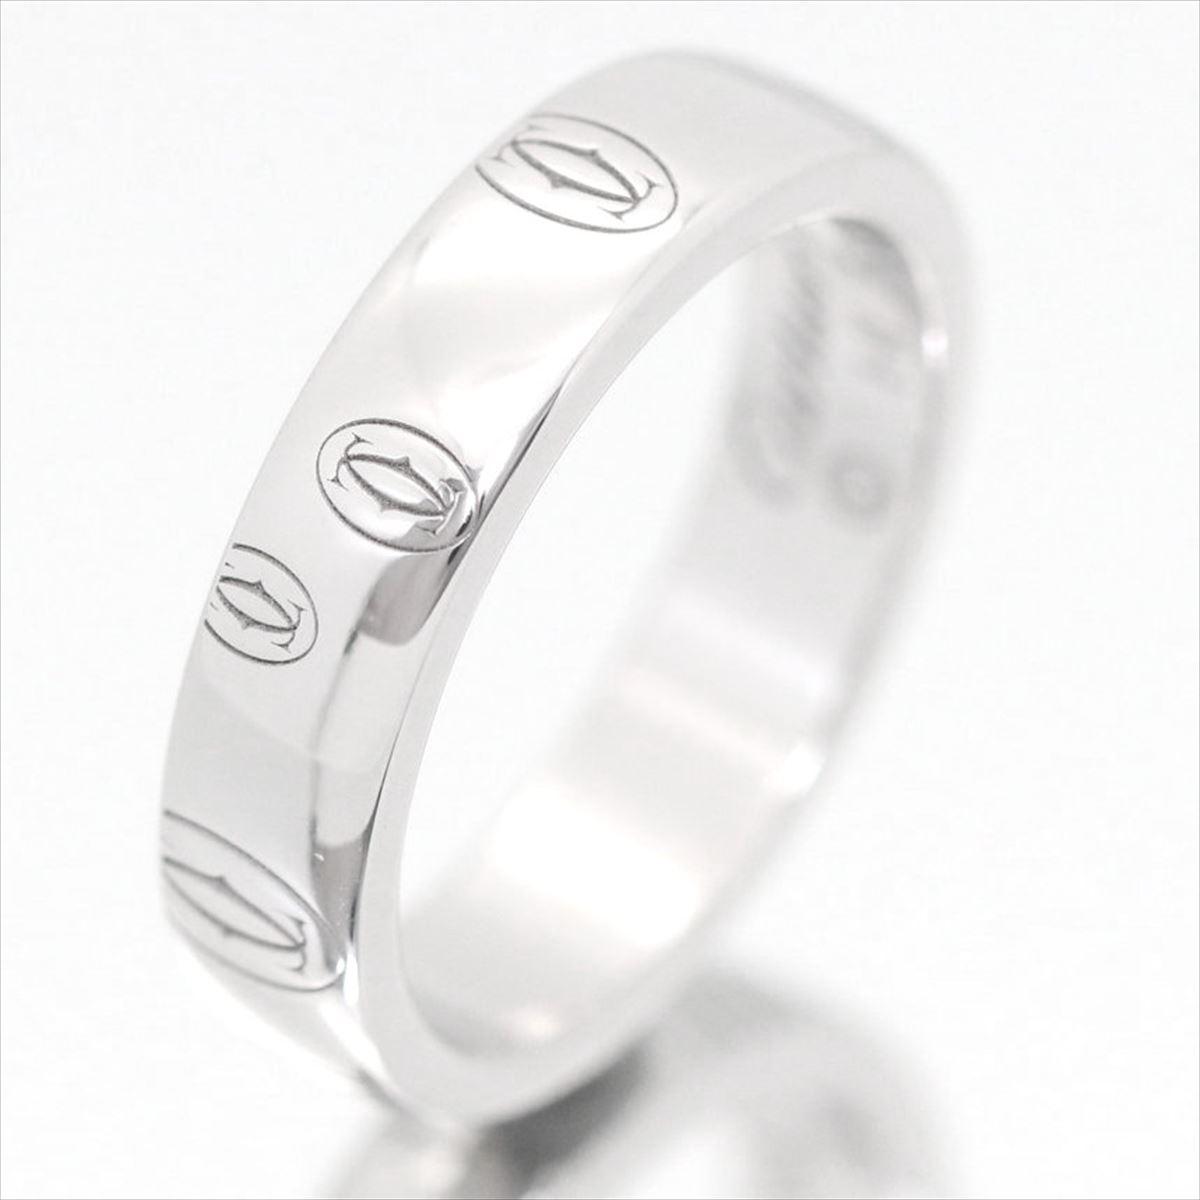 【新古品】カルティエ/Cartier / ジュエリー 指輪 ハッピーバースデー ロゴリング K18WG 750 ホワイトゴールド B4050900 / 廃番 シルバー